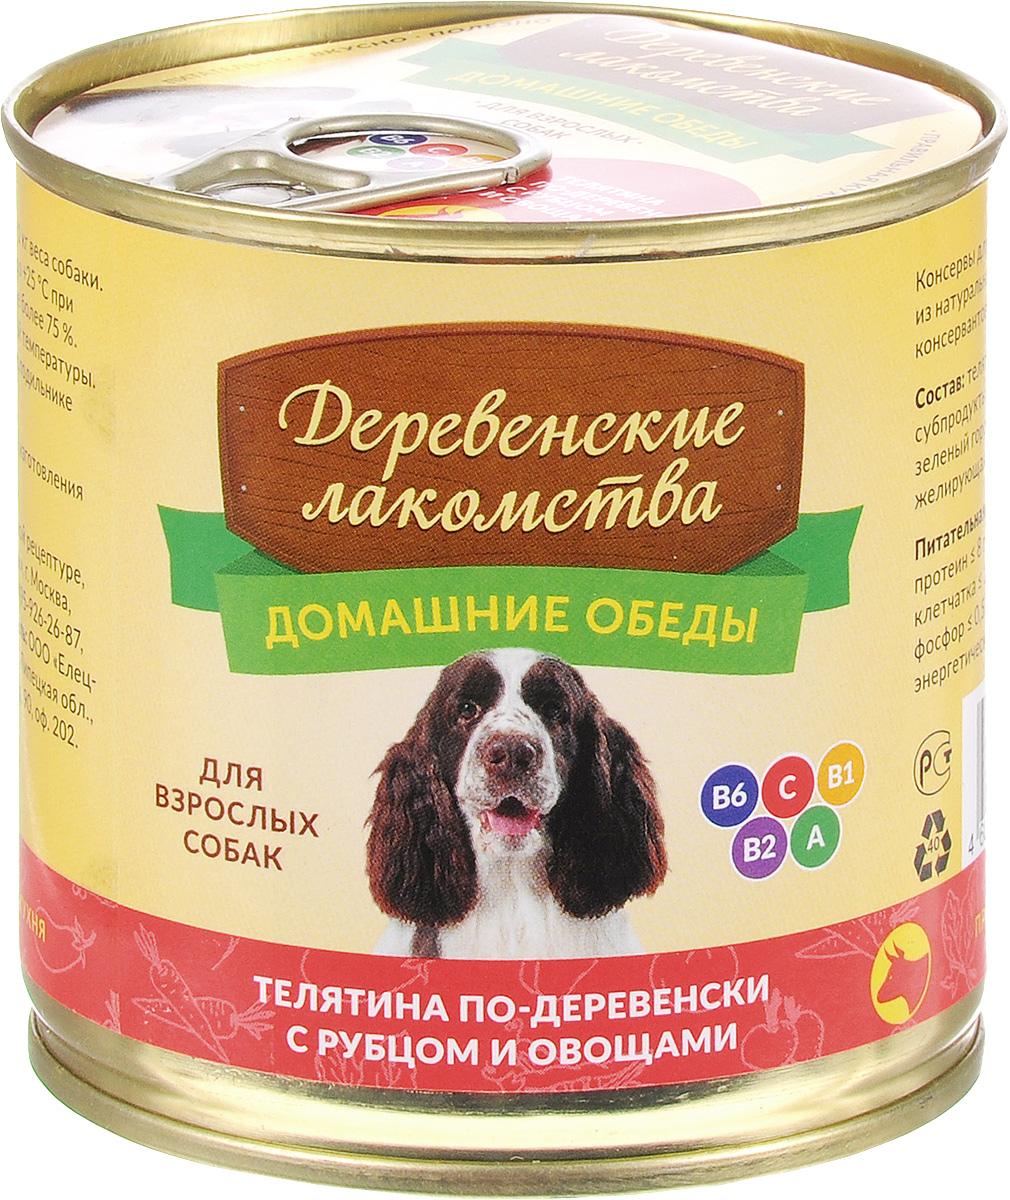 Консервы для собак Деревенские лакомства